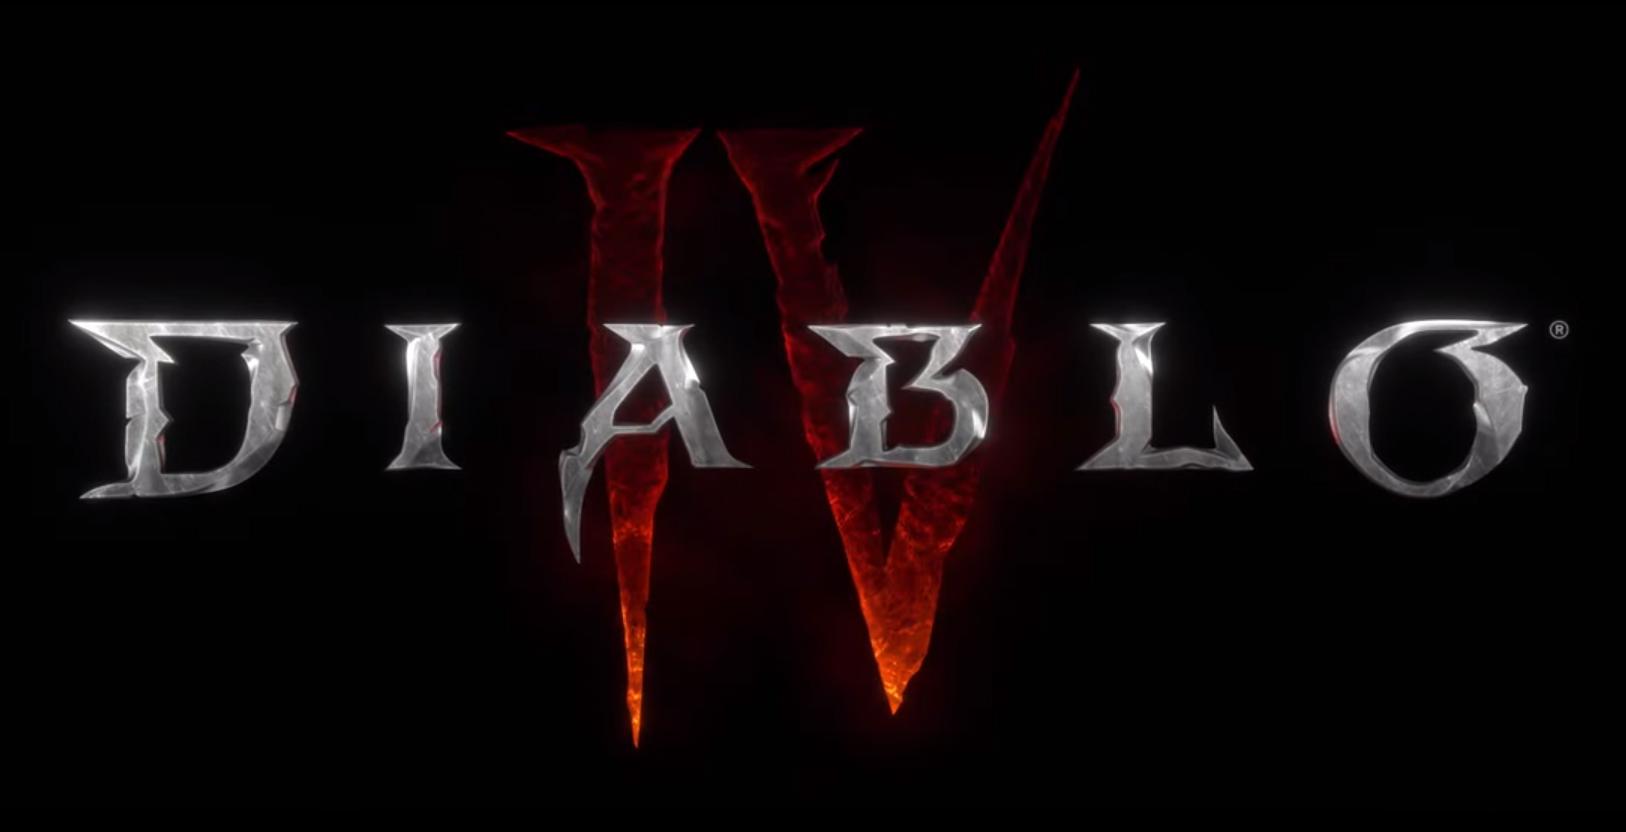 『Diablo IV』(ディアブロ 4)ついに発表!ゲームプレイ動画公開